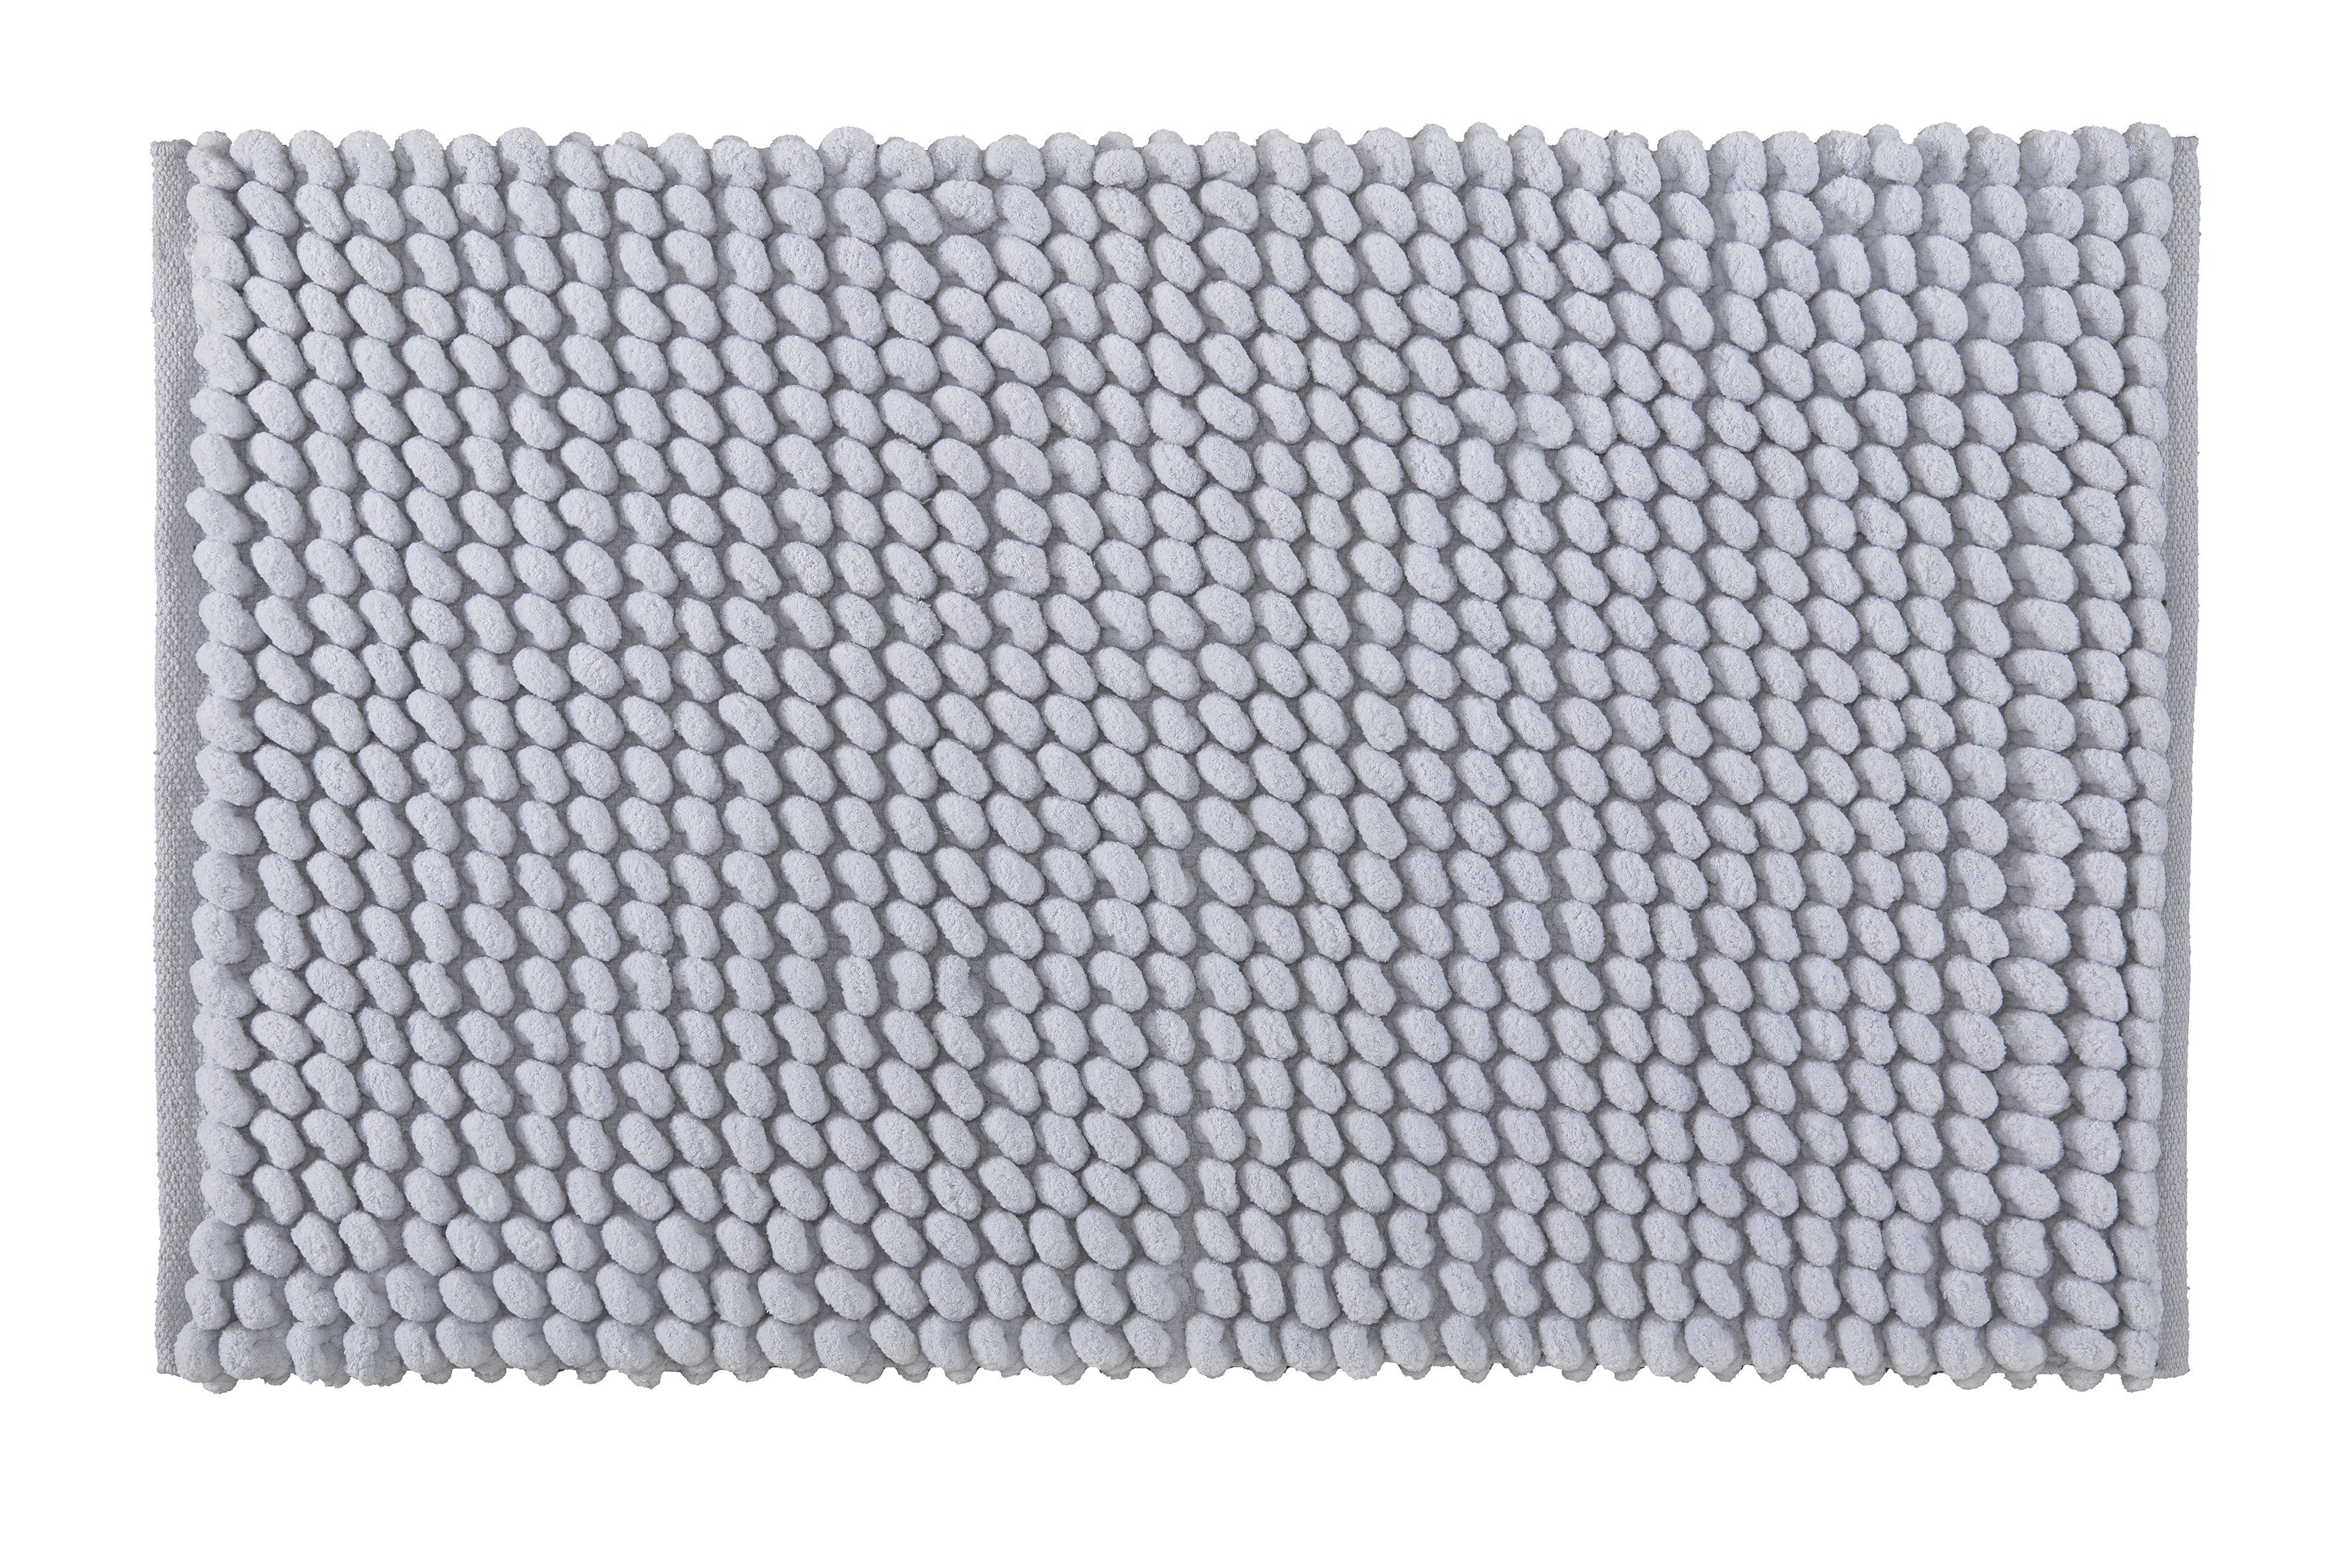 Badteppich Celine Silbergrau B:60cm